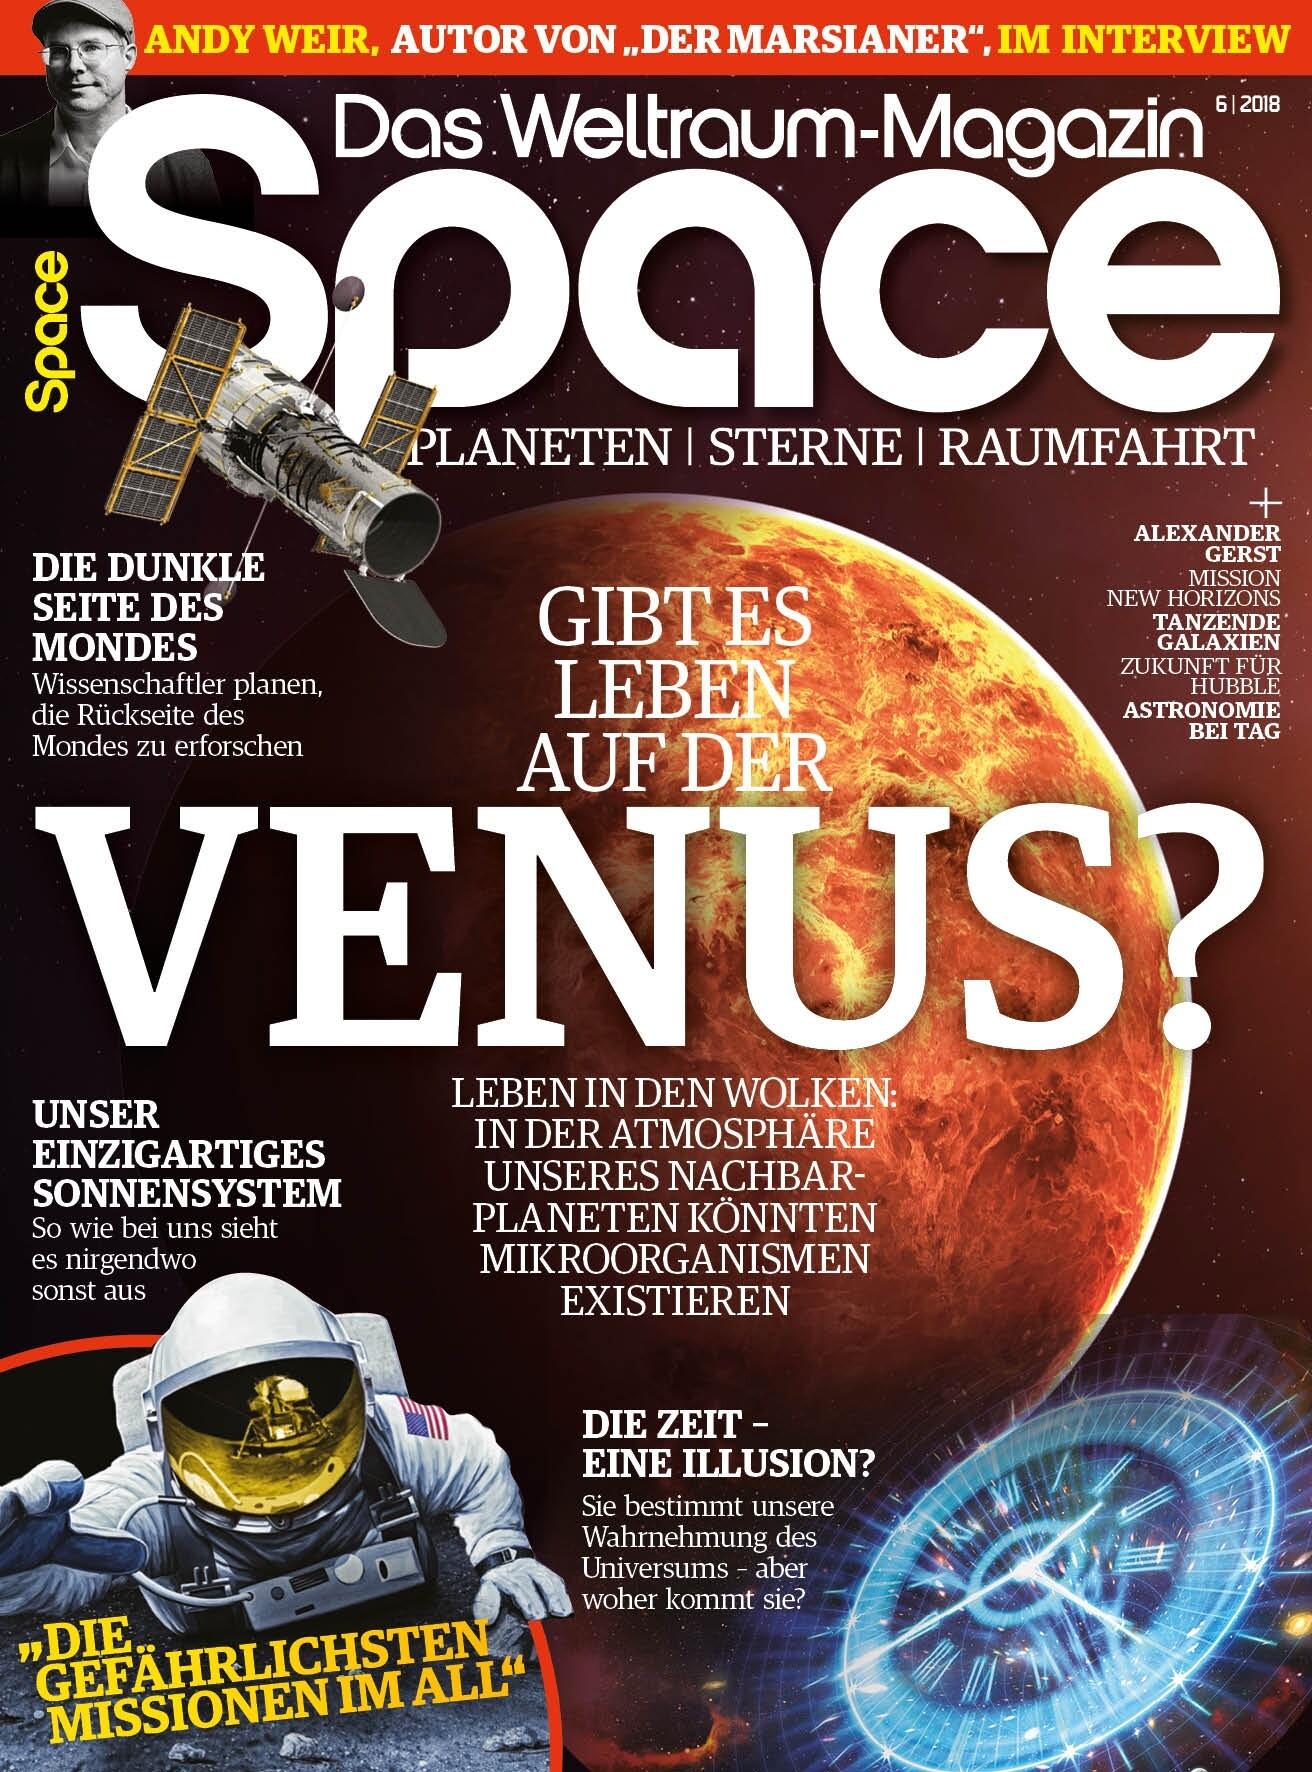 Space Weltraum Magazin 6/2018